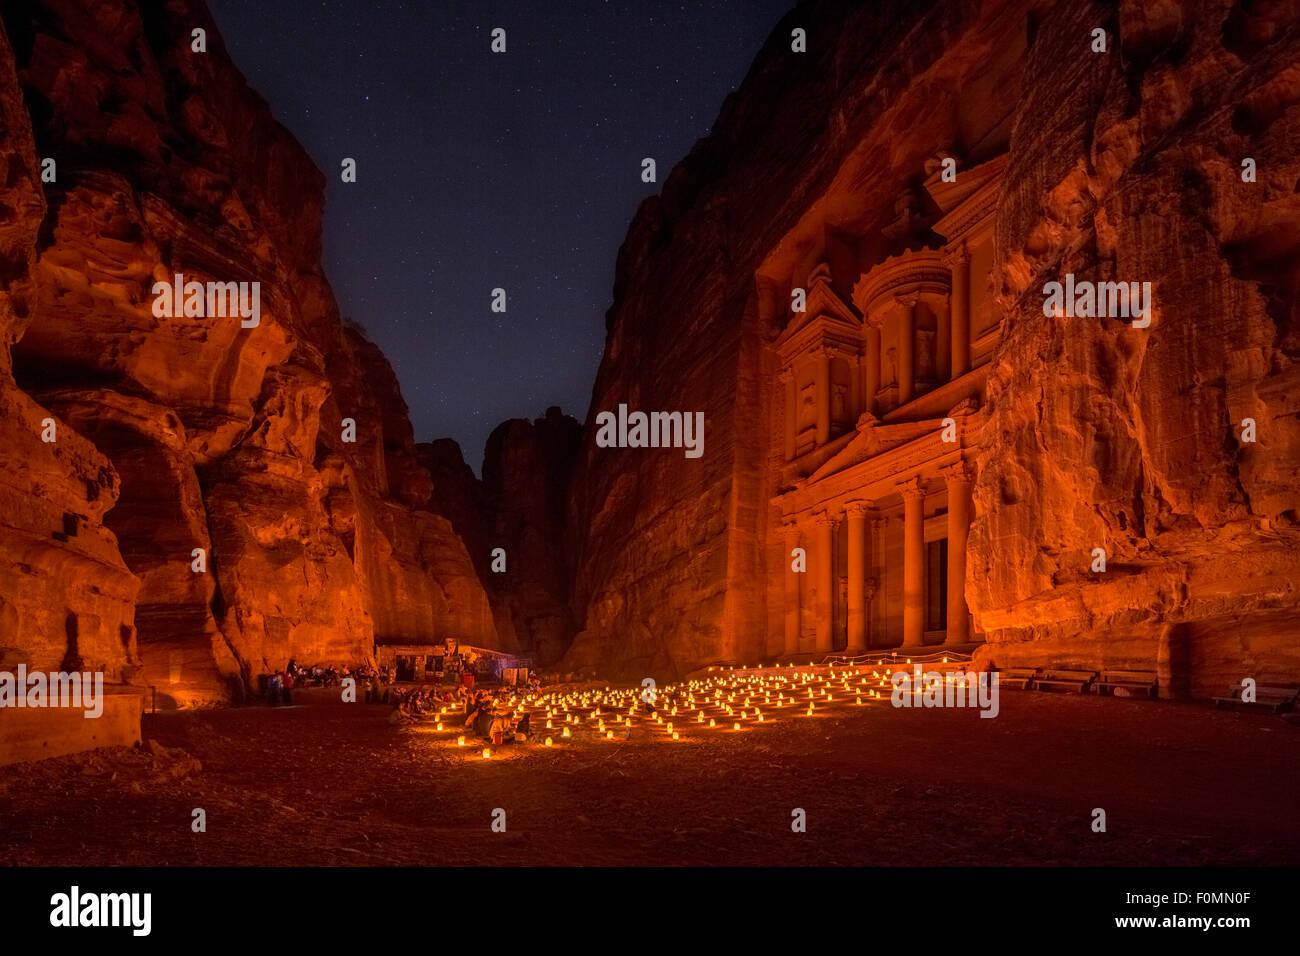 Al-Khaznah o del Tesoro di notte tempo visita a lume di candela, Petra, Giordania. Immagini Stock